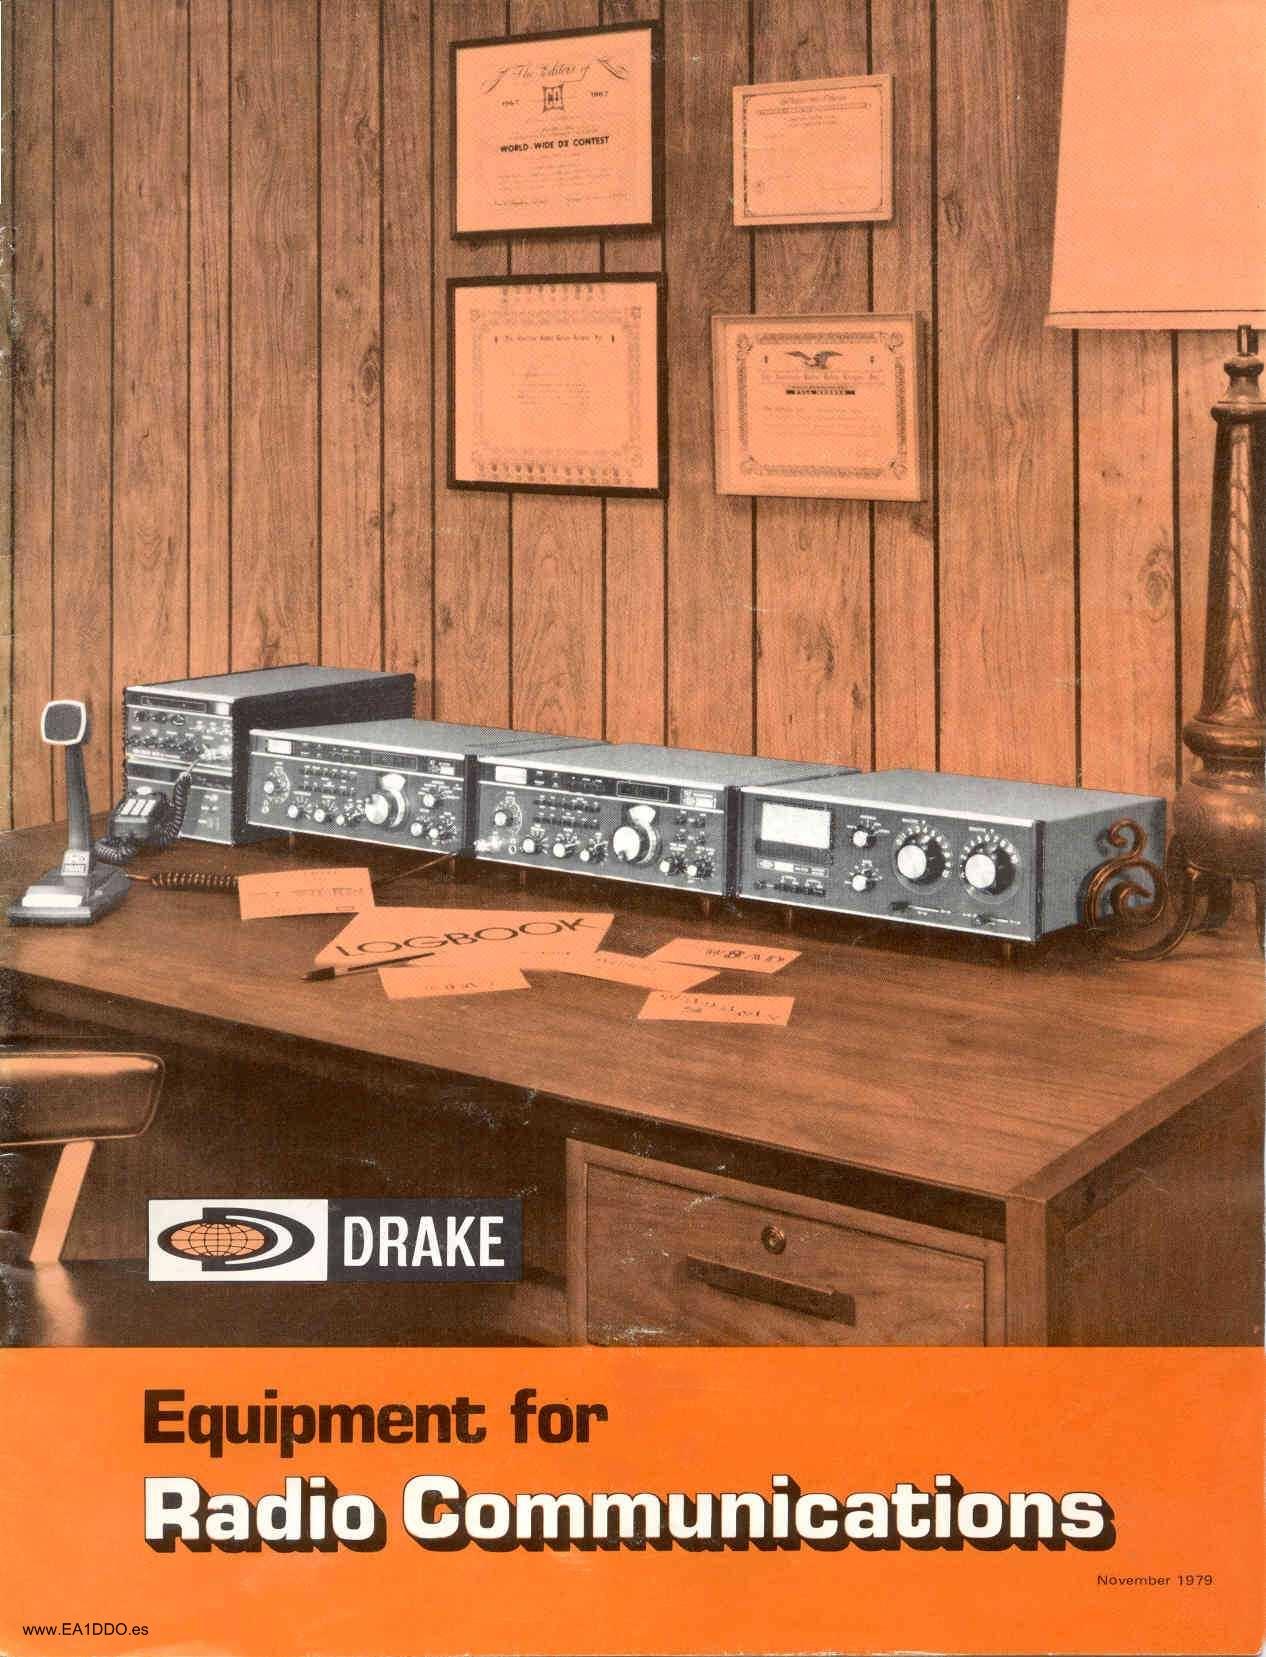 Drake, drake ham radio, drake radio, drake tr7, drake tr-7, drake